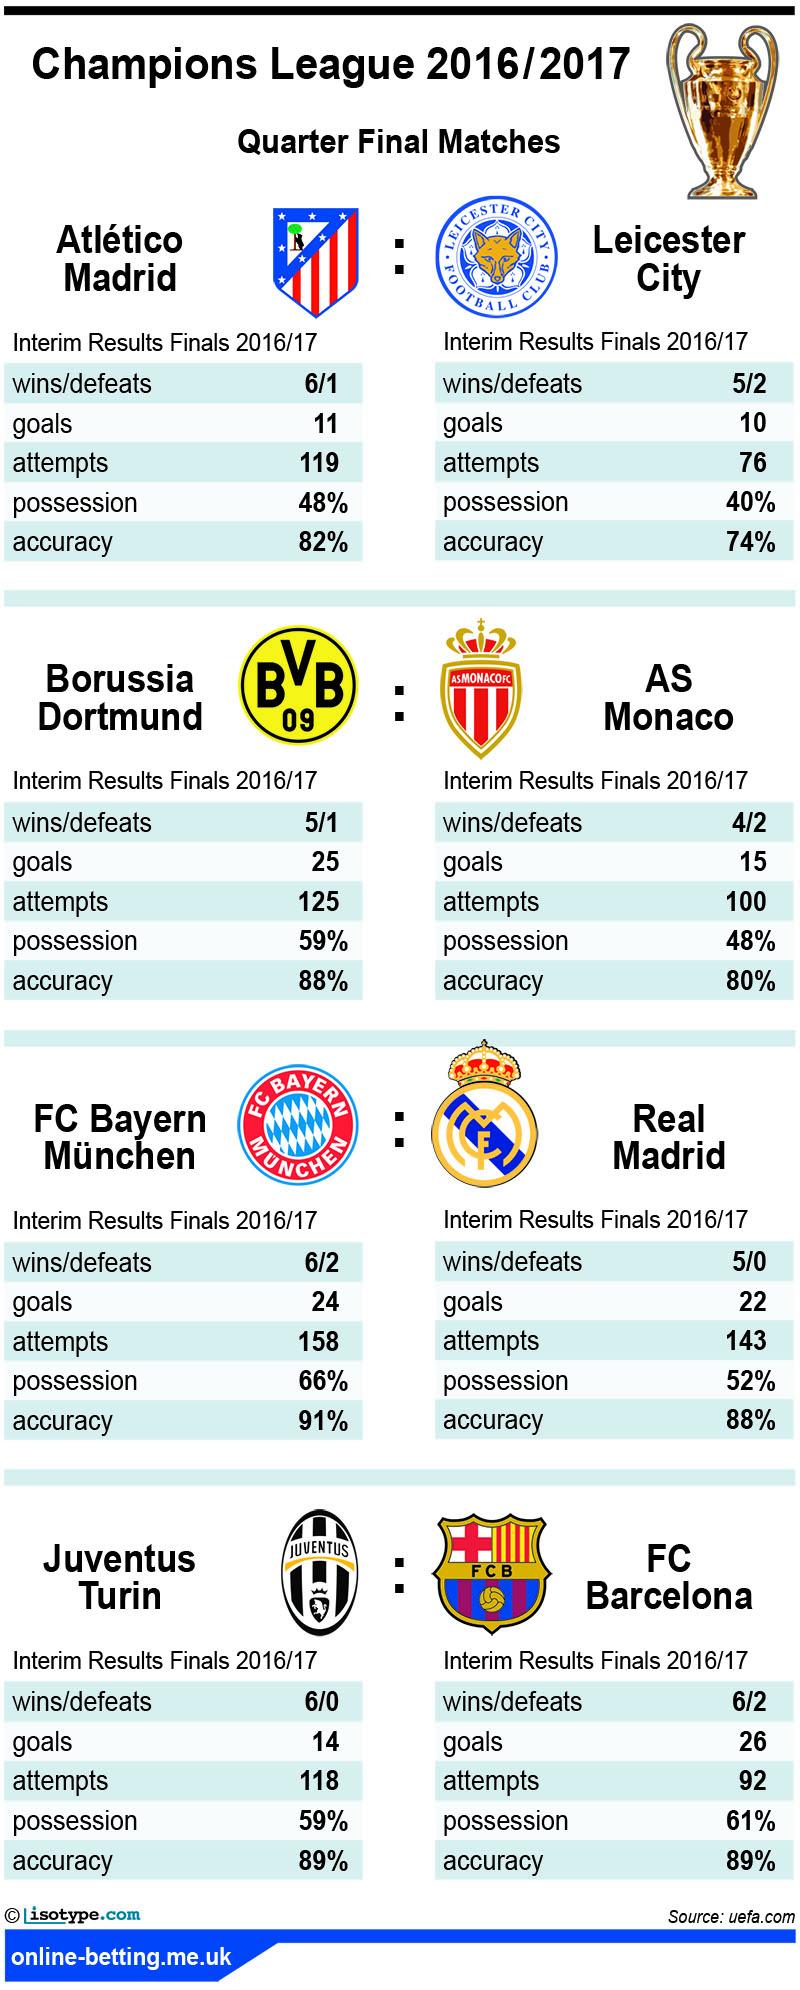 Champions League Quarter Finals 2017 Infographic